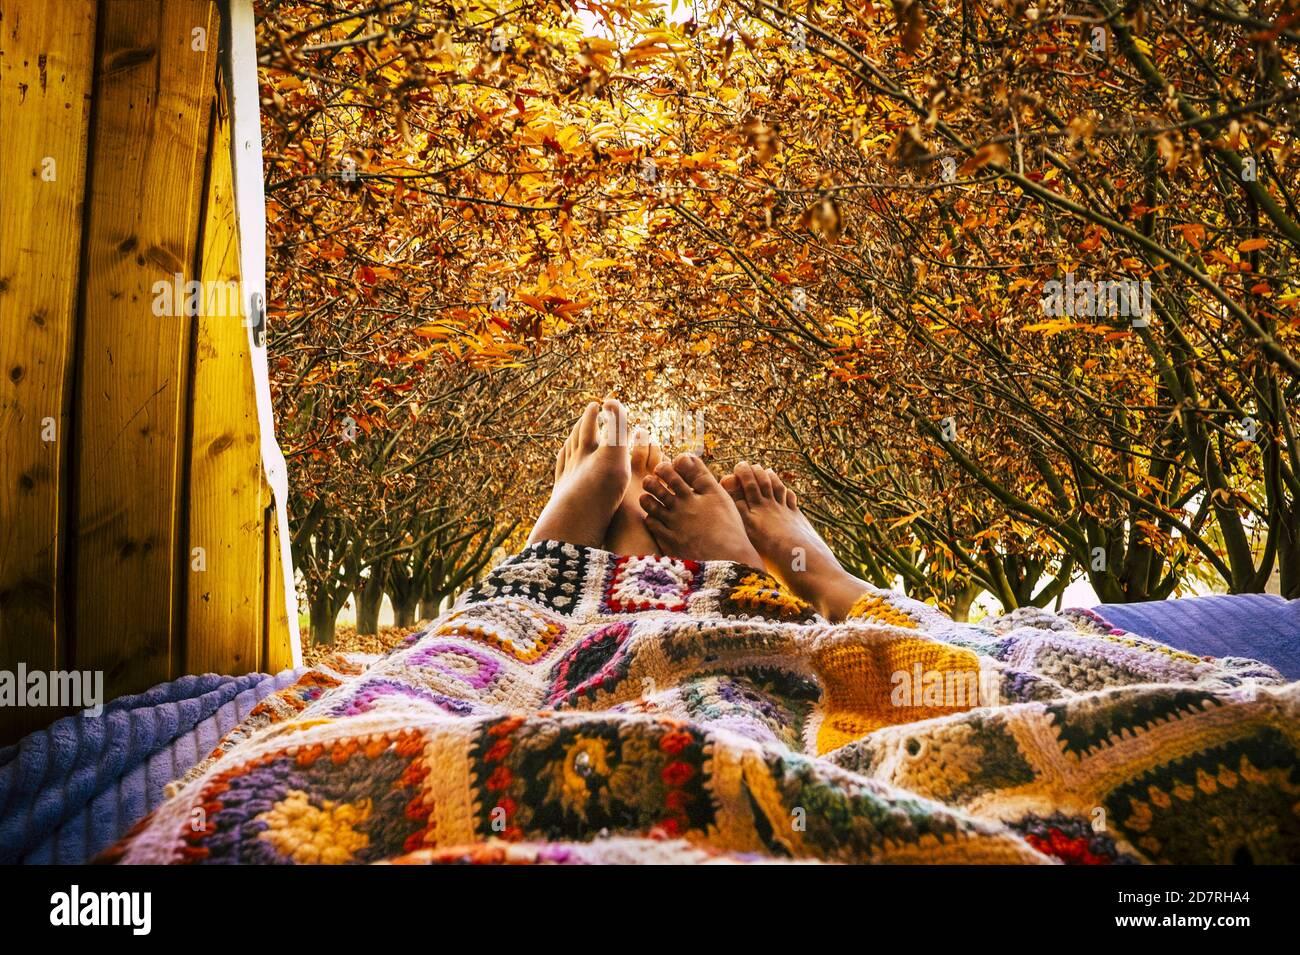 Des pieds nus se détendent avec une vue d'automne un peu à l'extérieur minibus confortable - couple relaxant et dormir ensemble avec amour et relation - concept de Banque D'Images